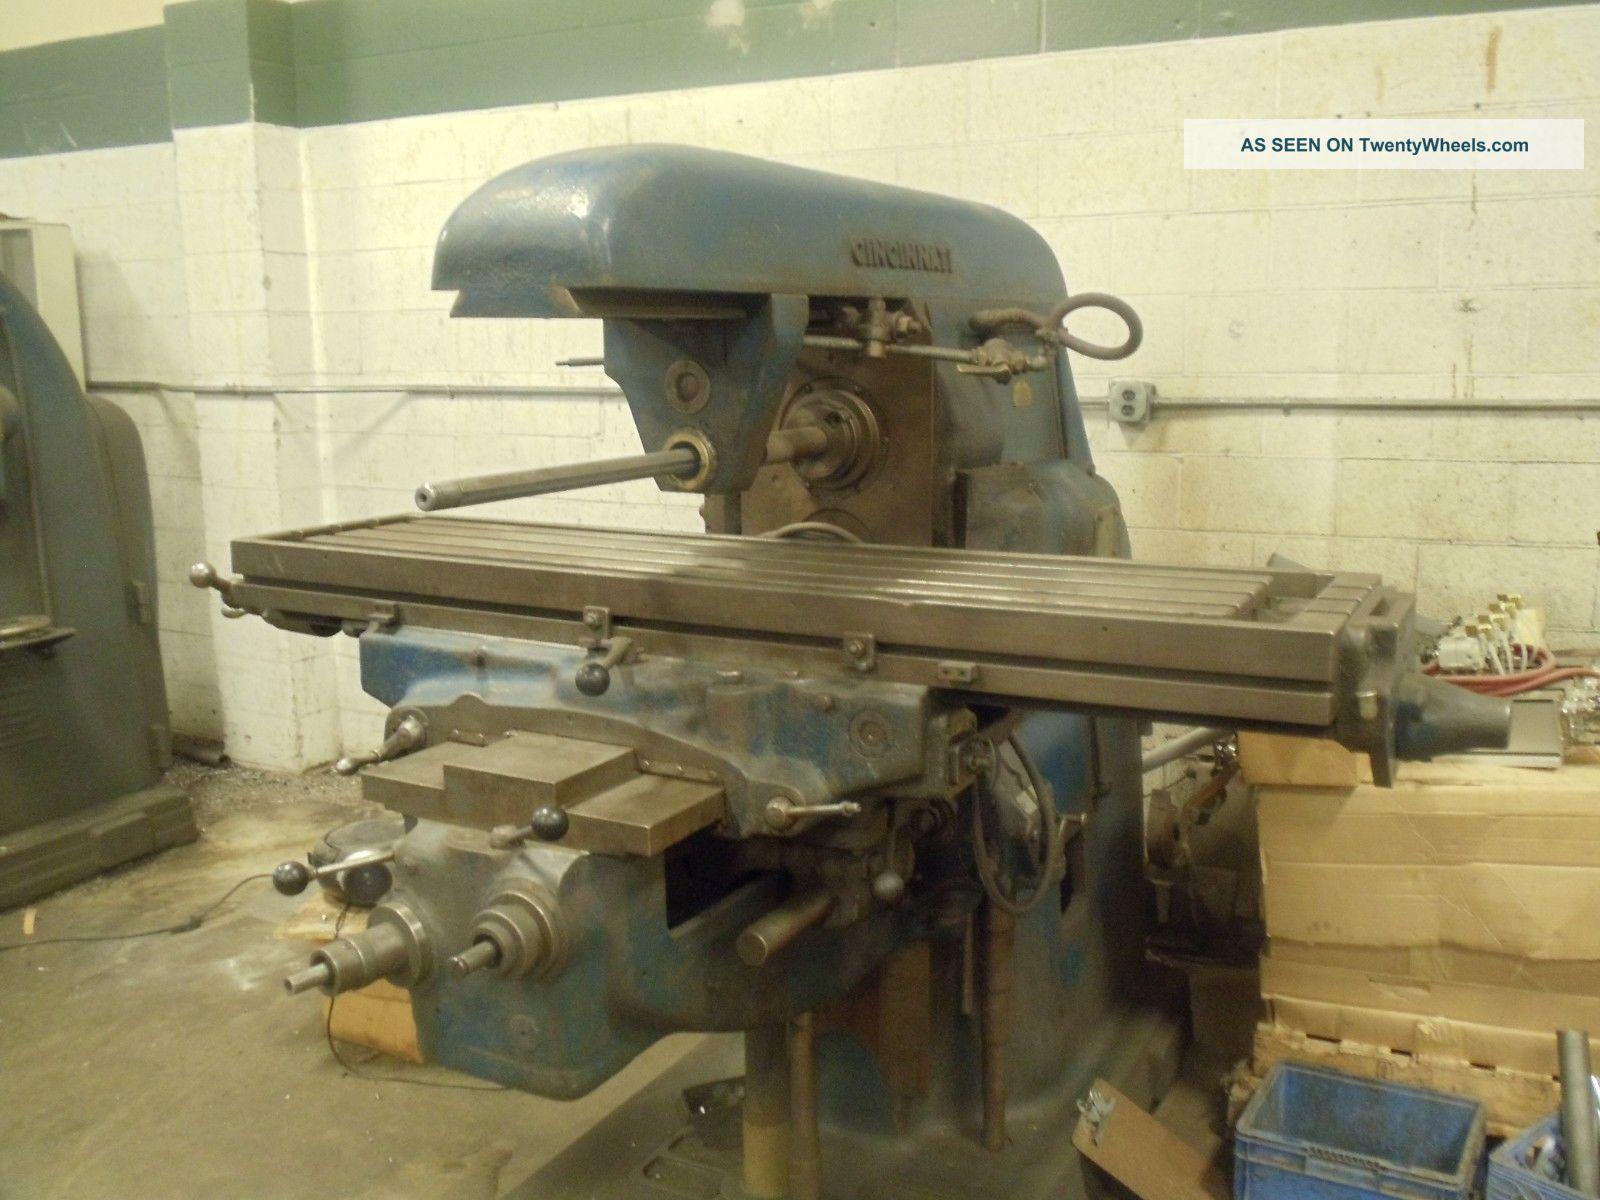 Cincinnati 2 Horizontal Milling Machine